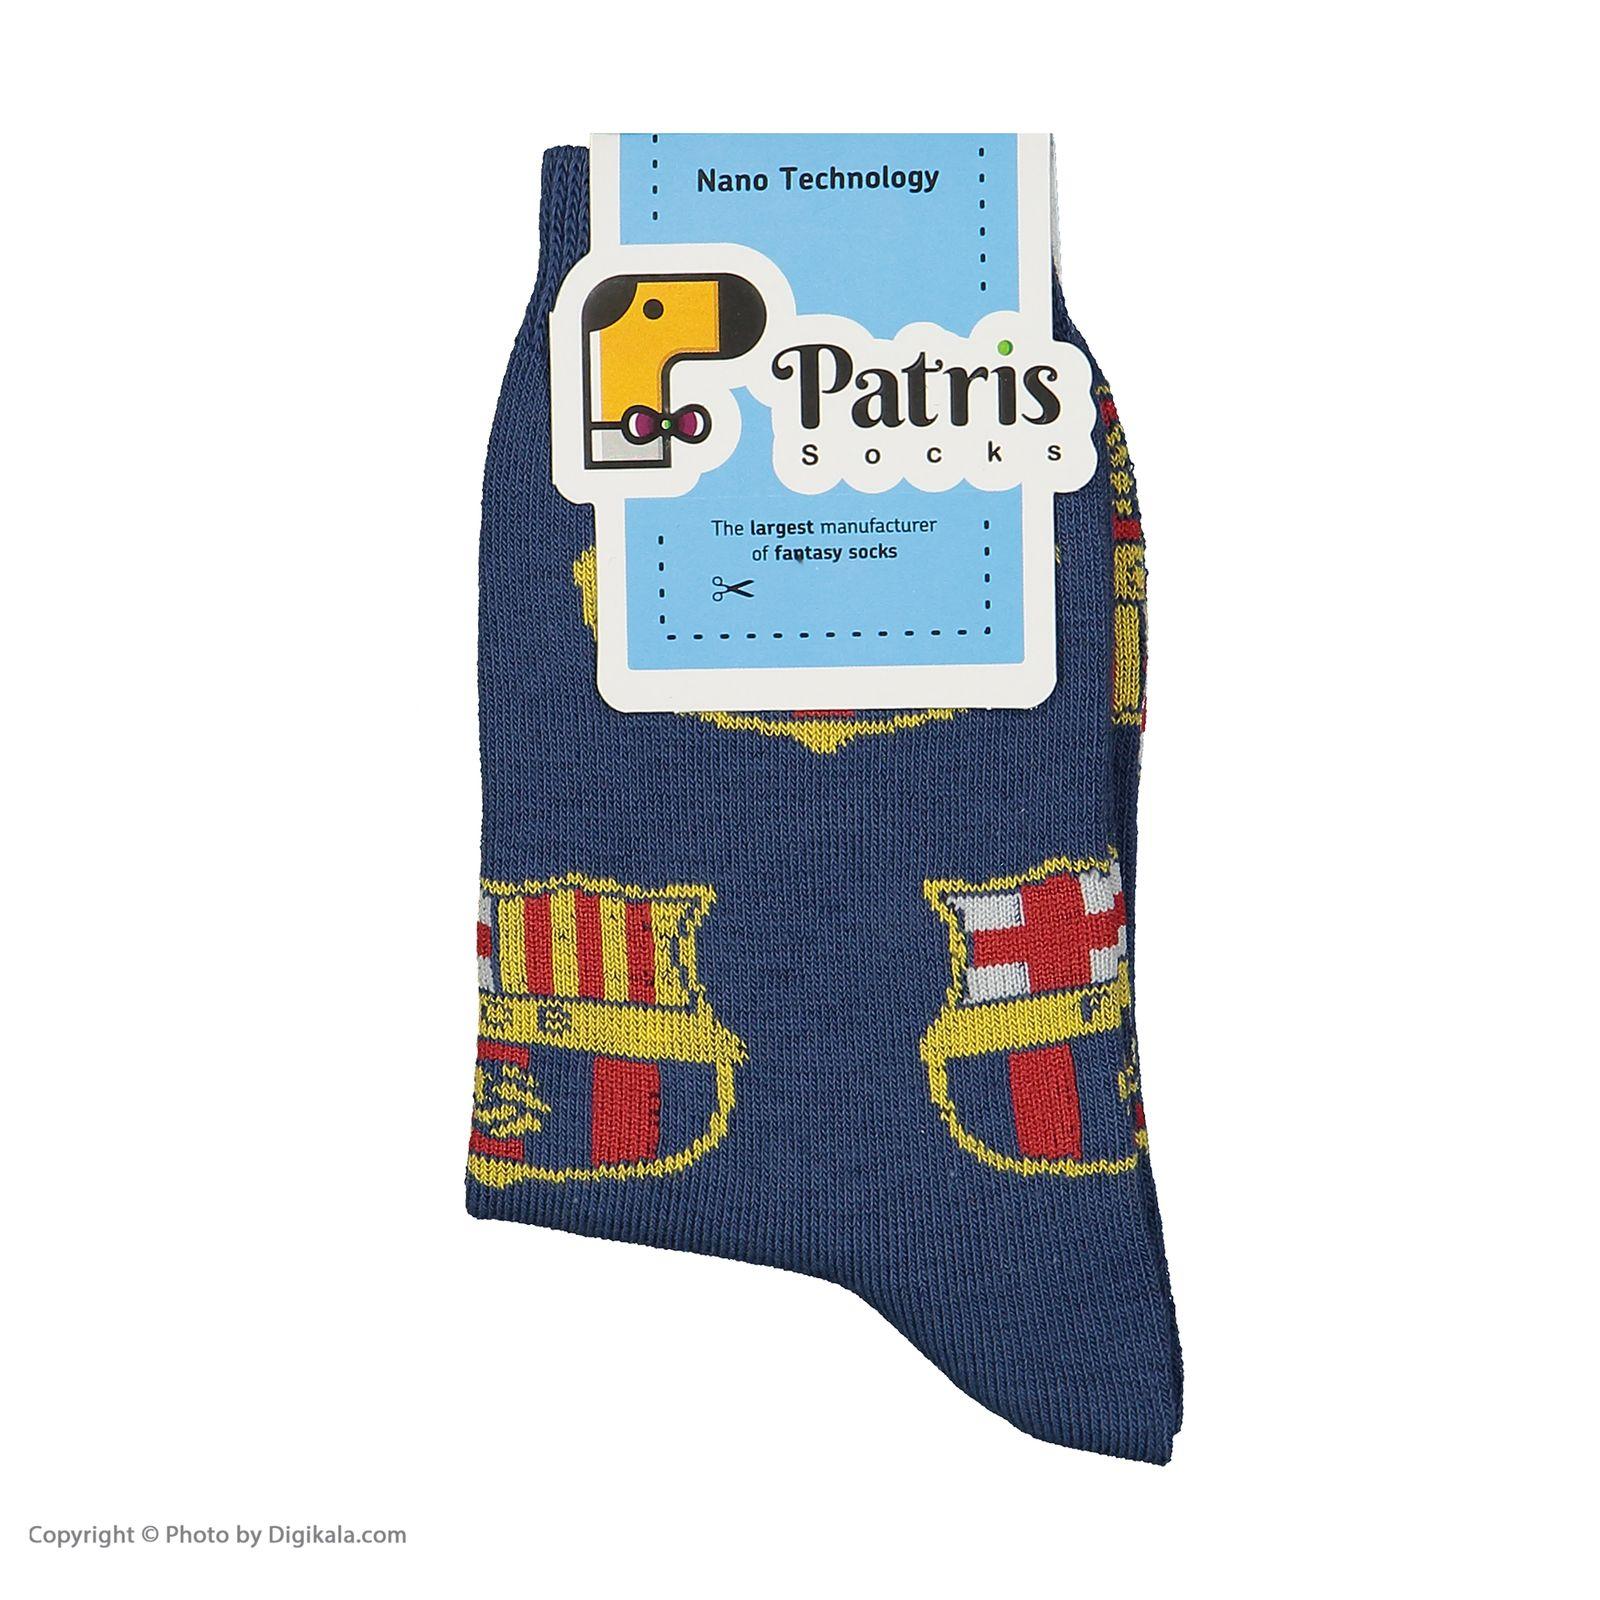 جوراب بچگانه پاتریس طرح بارسا مدل 2271197-77 -  - 5